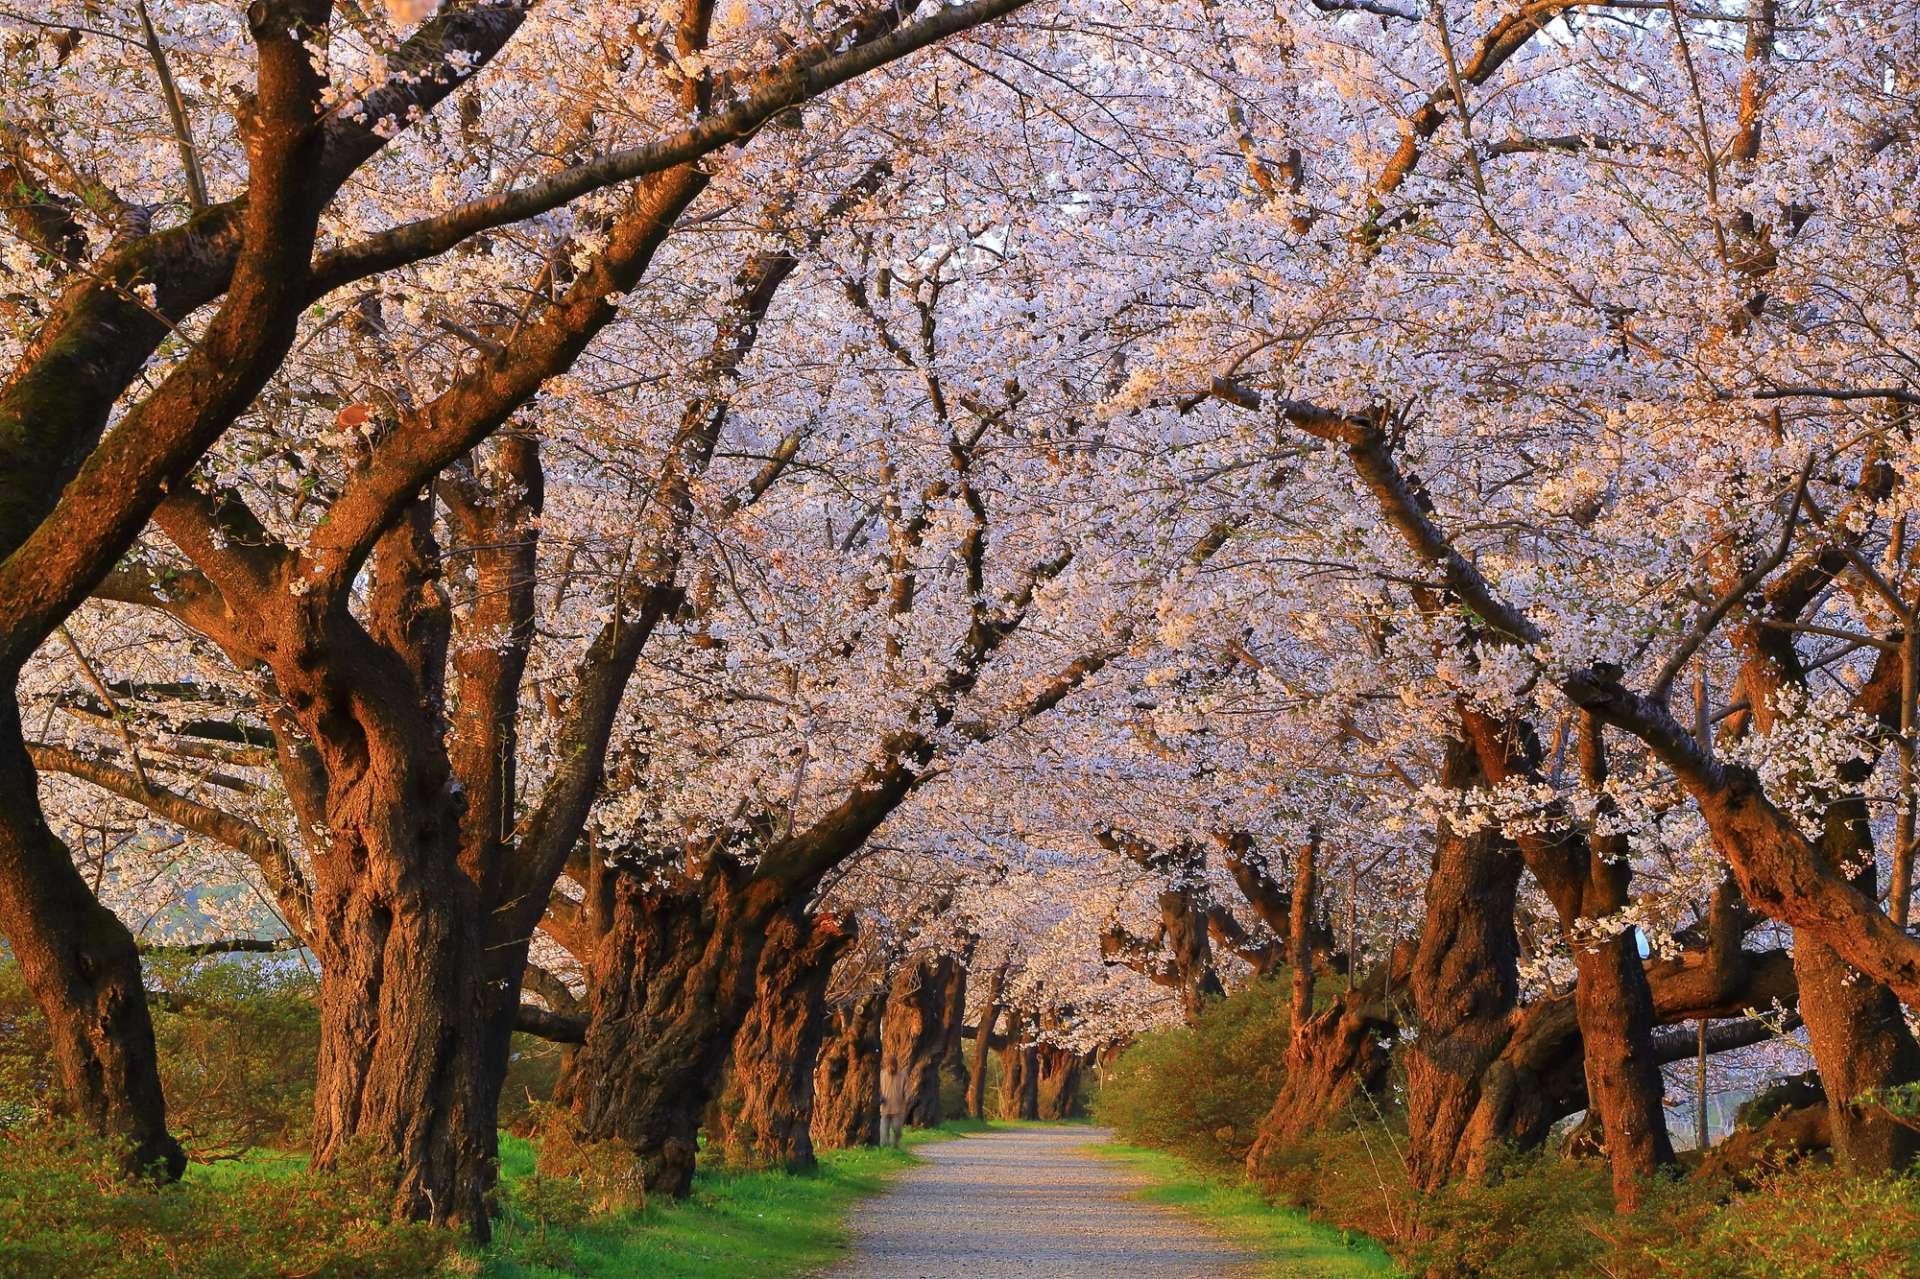 競相開放的櫻花形成美麗的櫻花隧道